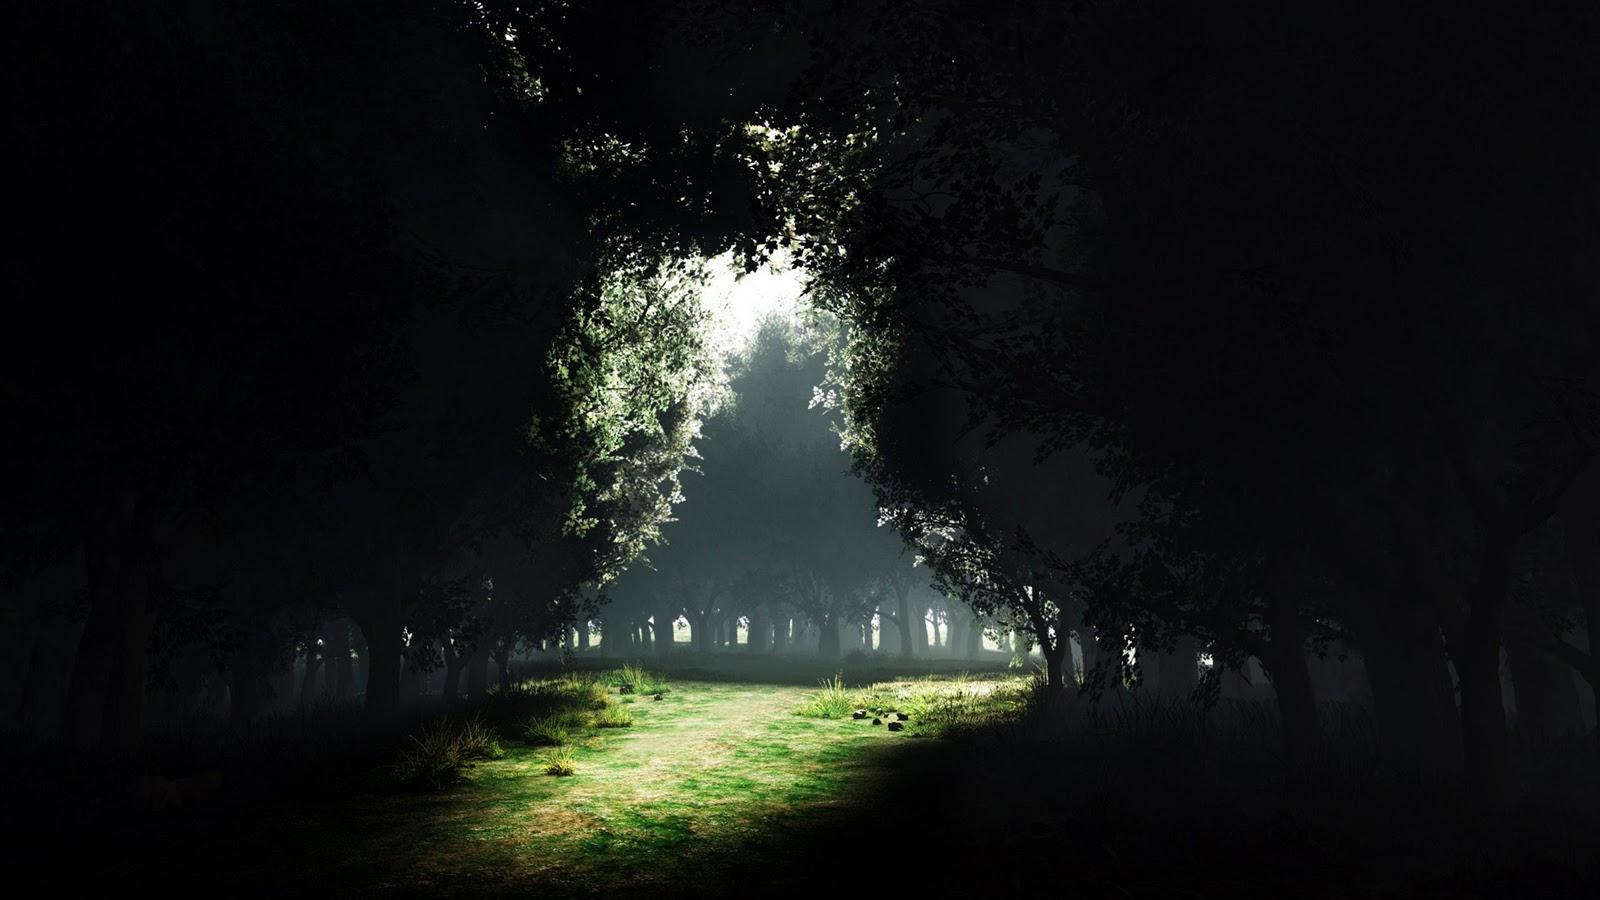 http://2.bp.blogspot.com/-UHK7HCGPeoQ/TuMYZoJRsDI/AAAAAAAAFWA/dA8ZSOznCZ8/s1600/forest_glade_clearing-1920x1080.jpg